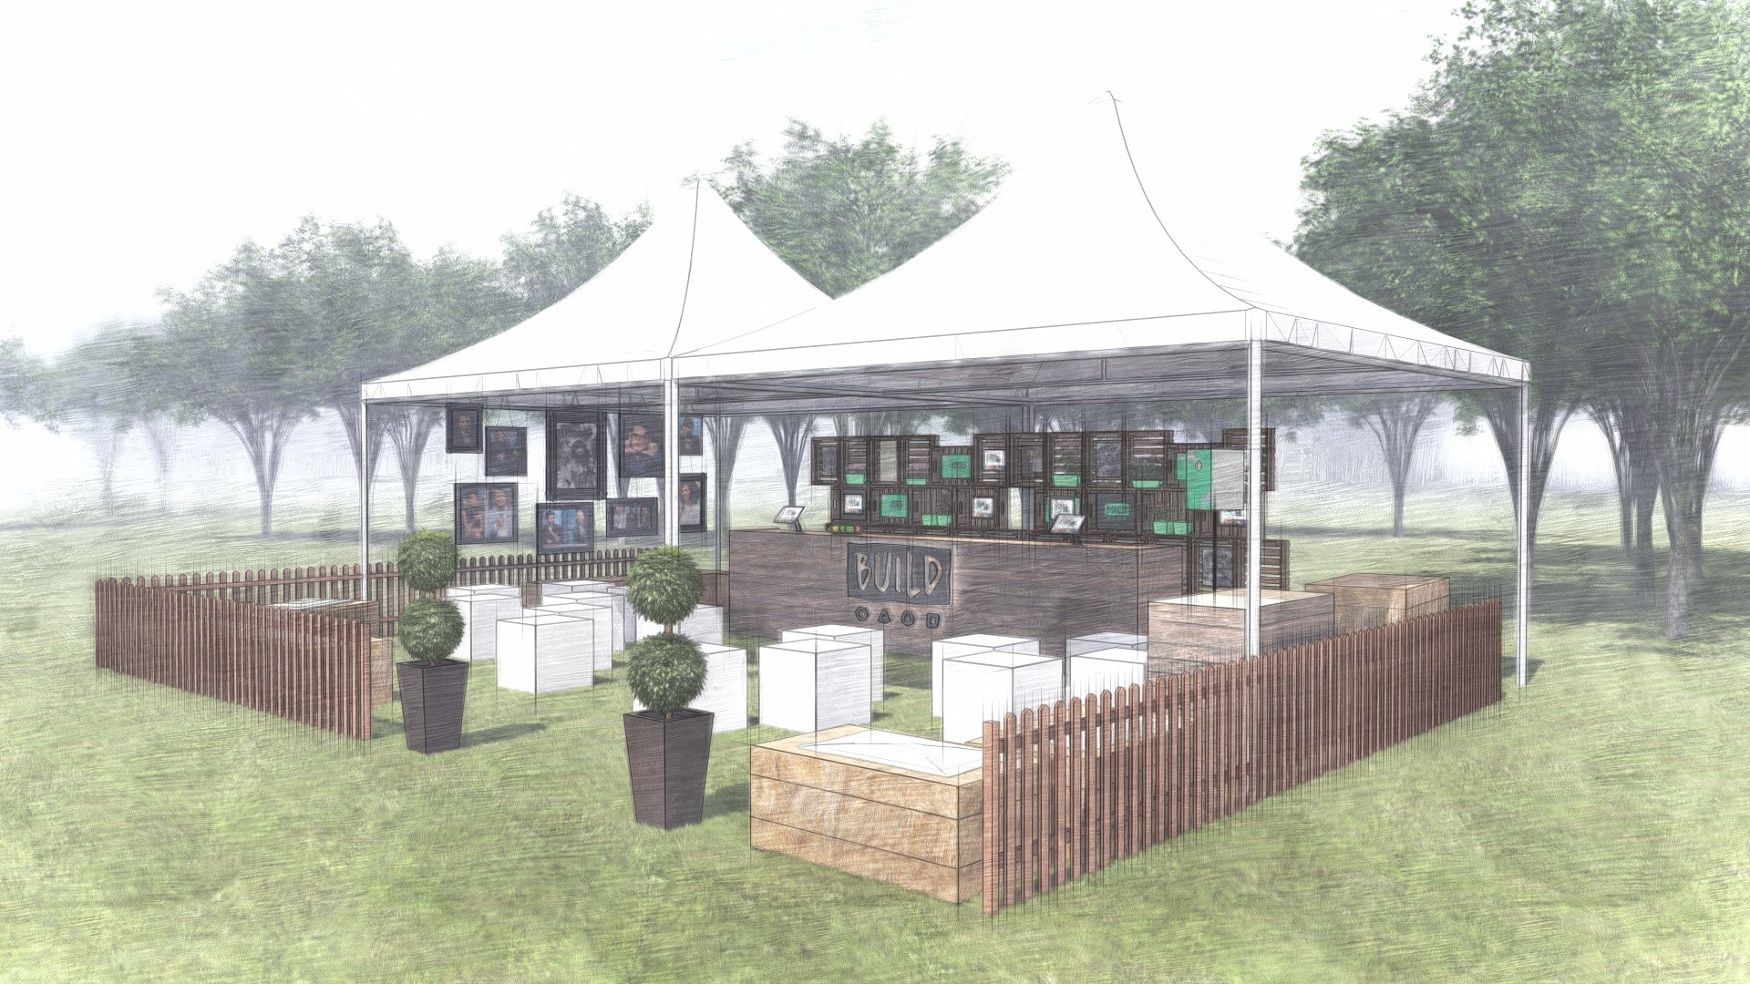 Mike Bell Freelance 3d Event Designer Freelance 3d Experiential Designer Freelance 3d Exhibition Designer Freelanc Outdoor Outdoor Events Outdoor Structures